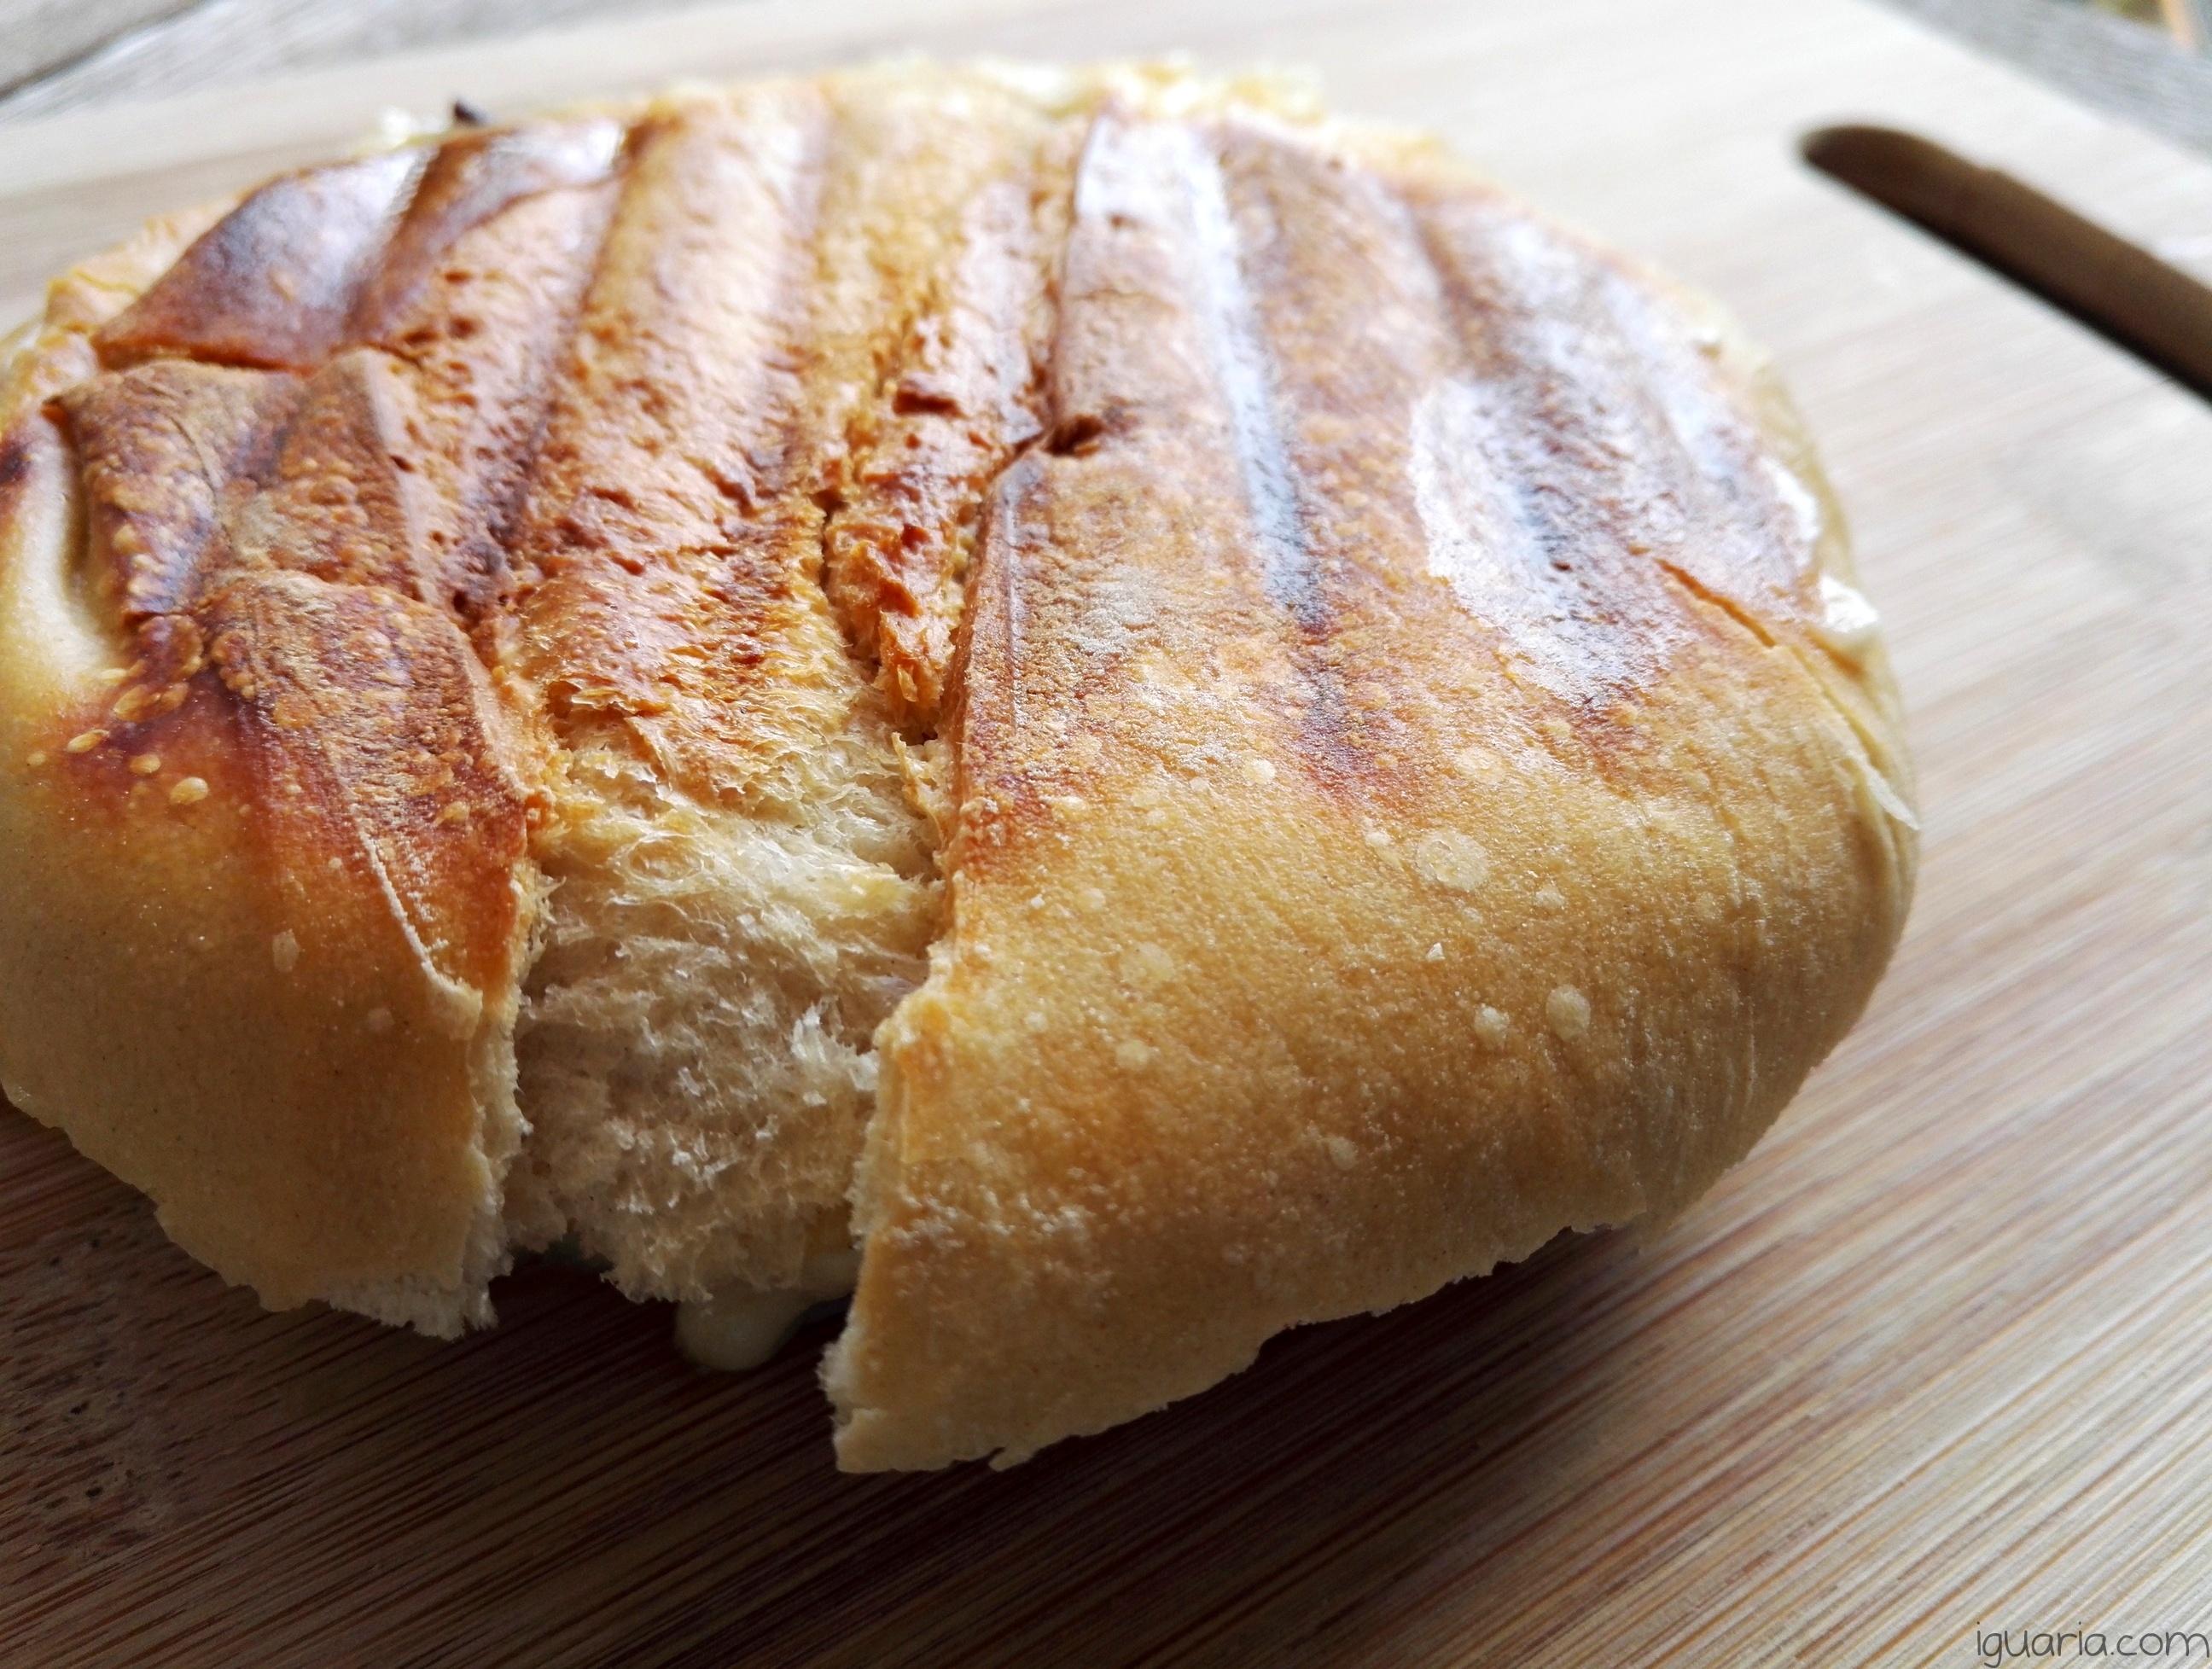 iguaria-tosta-de-leitao-e-queijo